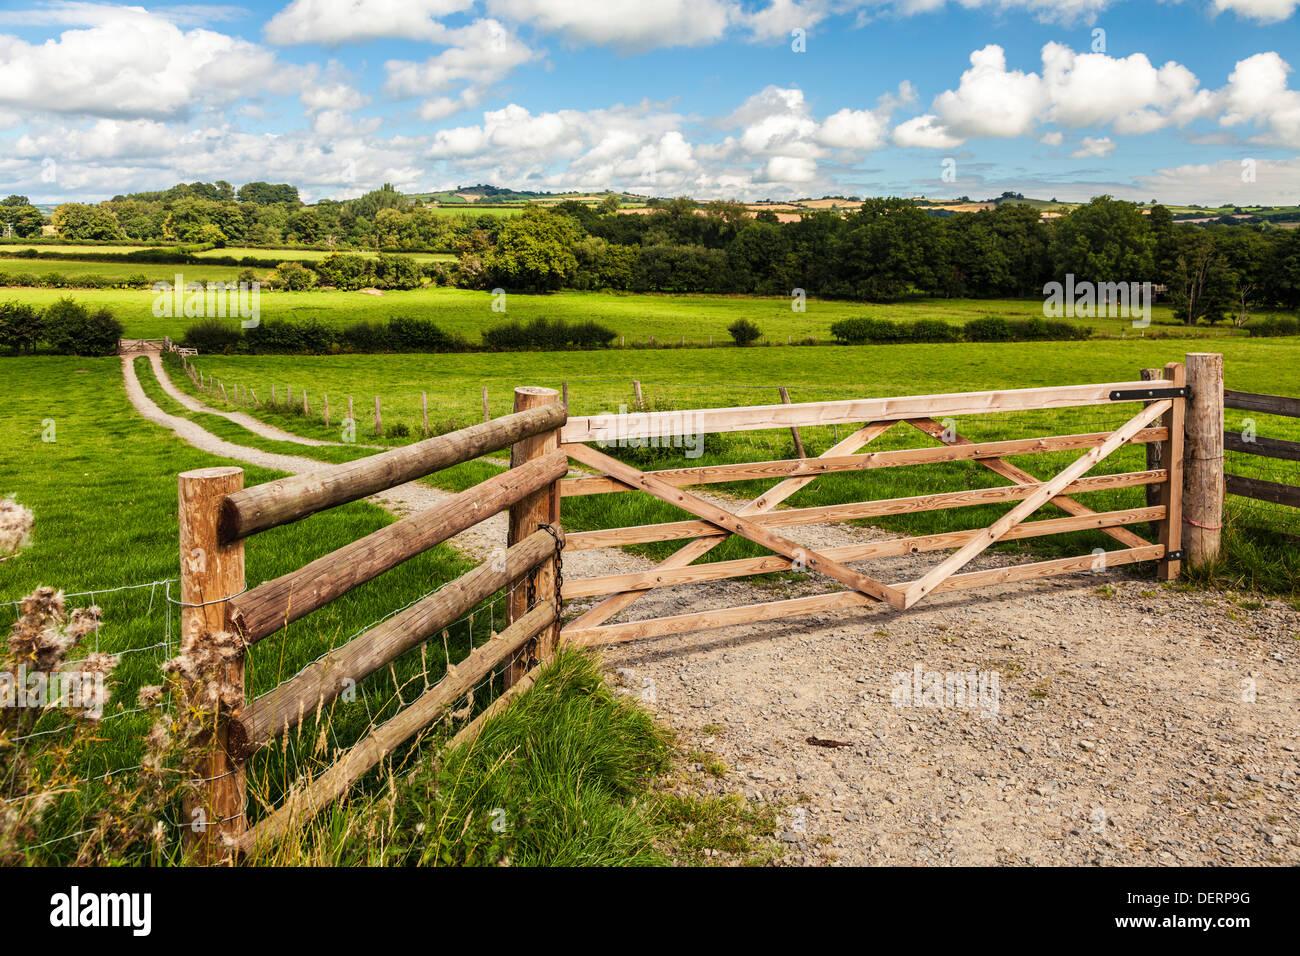 La laminazione campagna gallese nel Parco Nazionale di Brecon Beacons vicino Pencelli. Immagini Stock